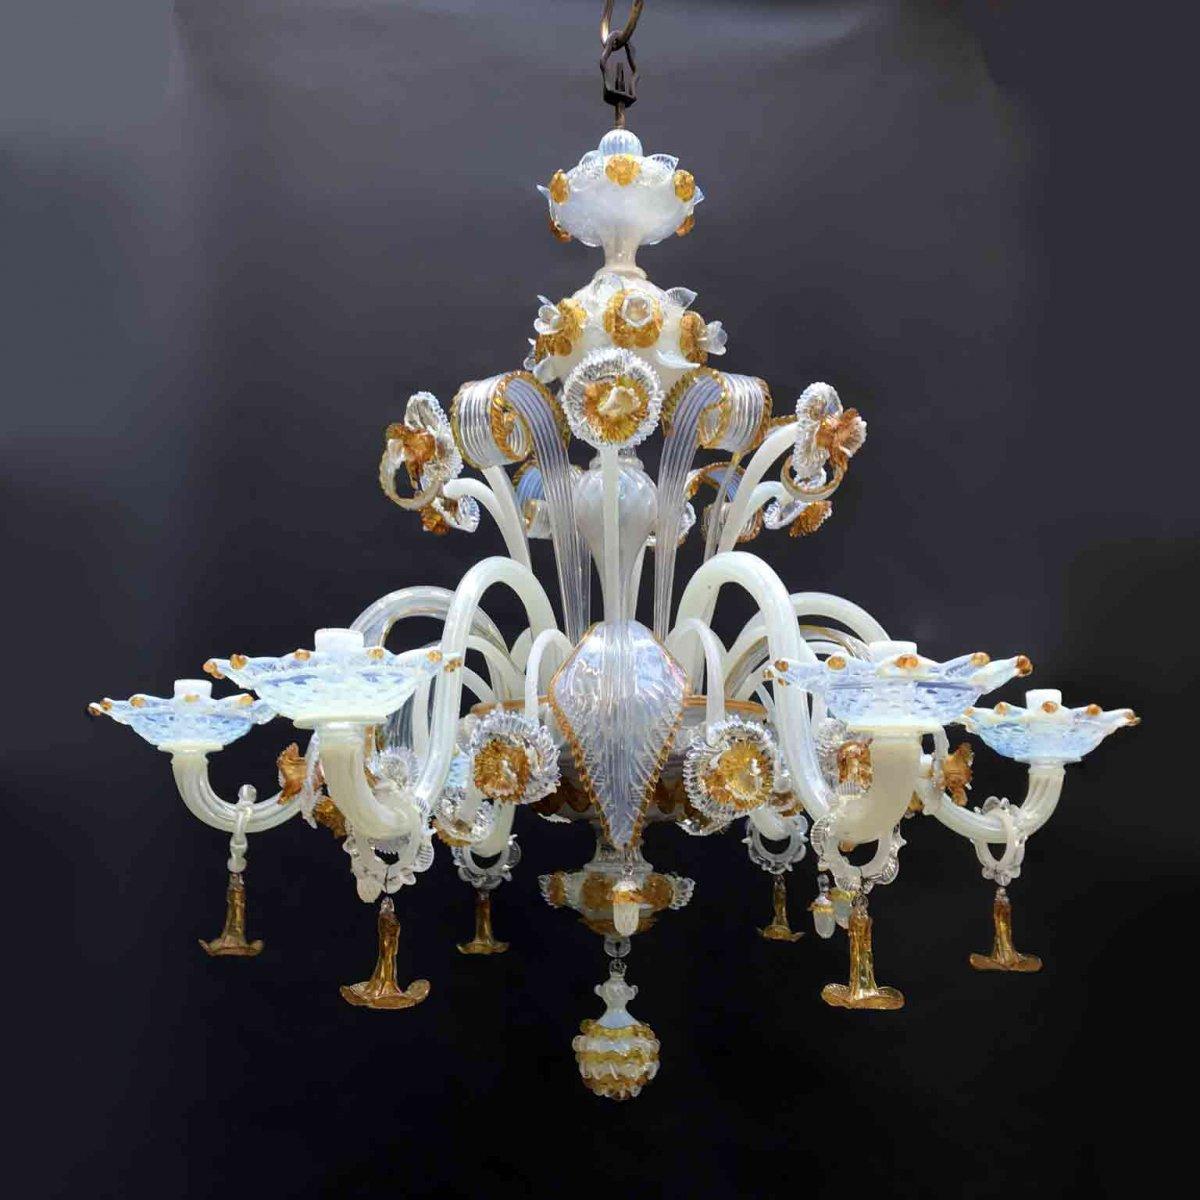 Lampadario 6 luci vetro di murano artigianale trasparente oro antico moderno. Lampadario In Vetro Di Murano Opalescente Vendita Online Ghilli Antichita Milano